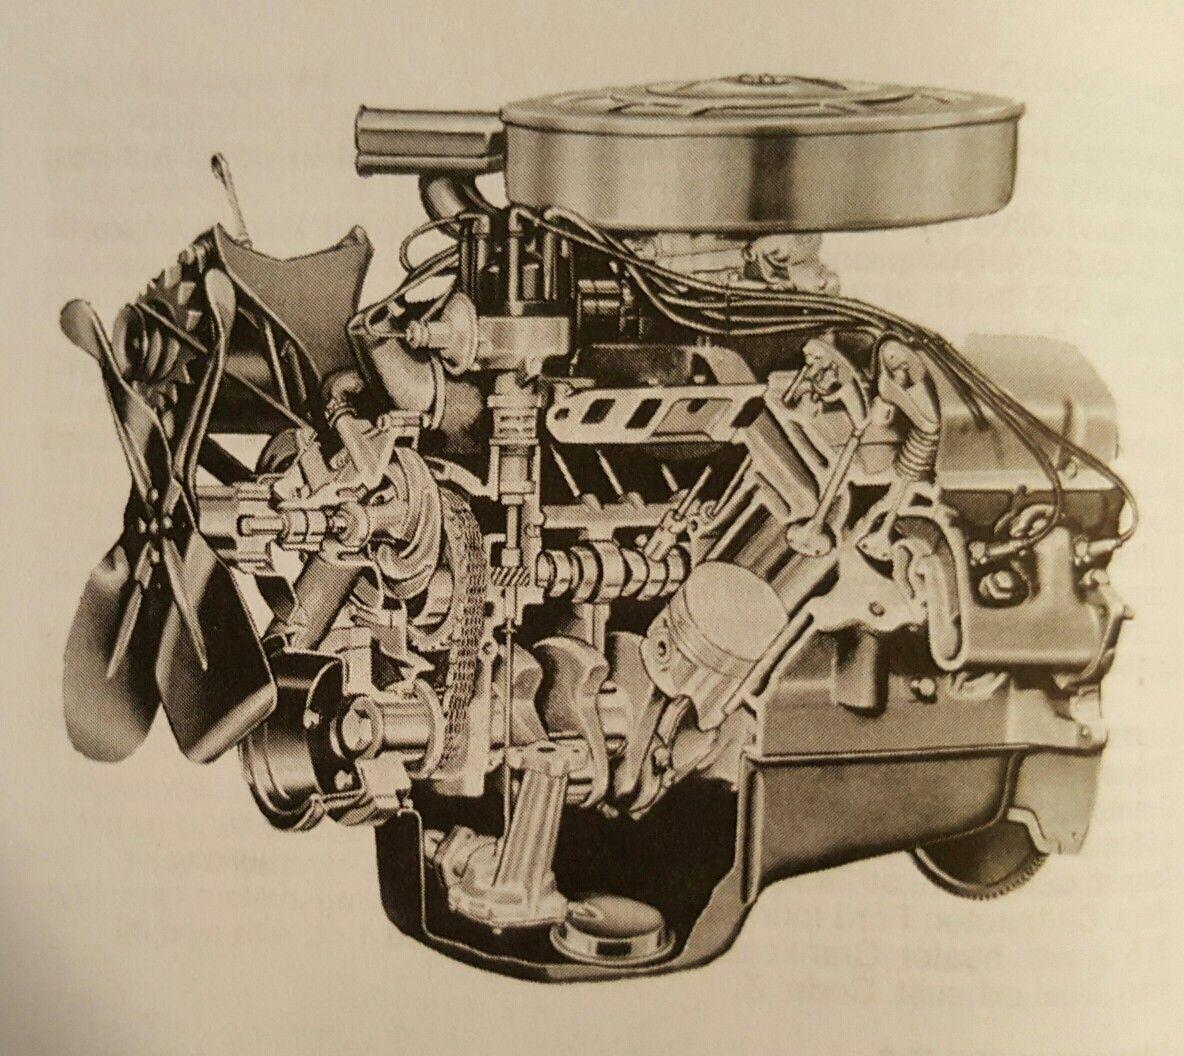 Ford 289 Engine Spec Diagram